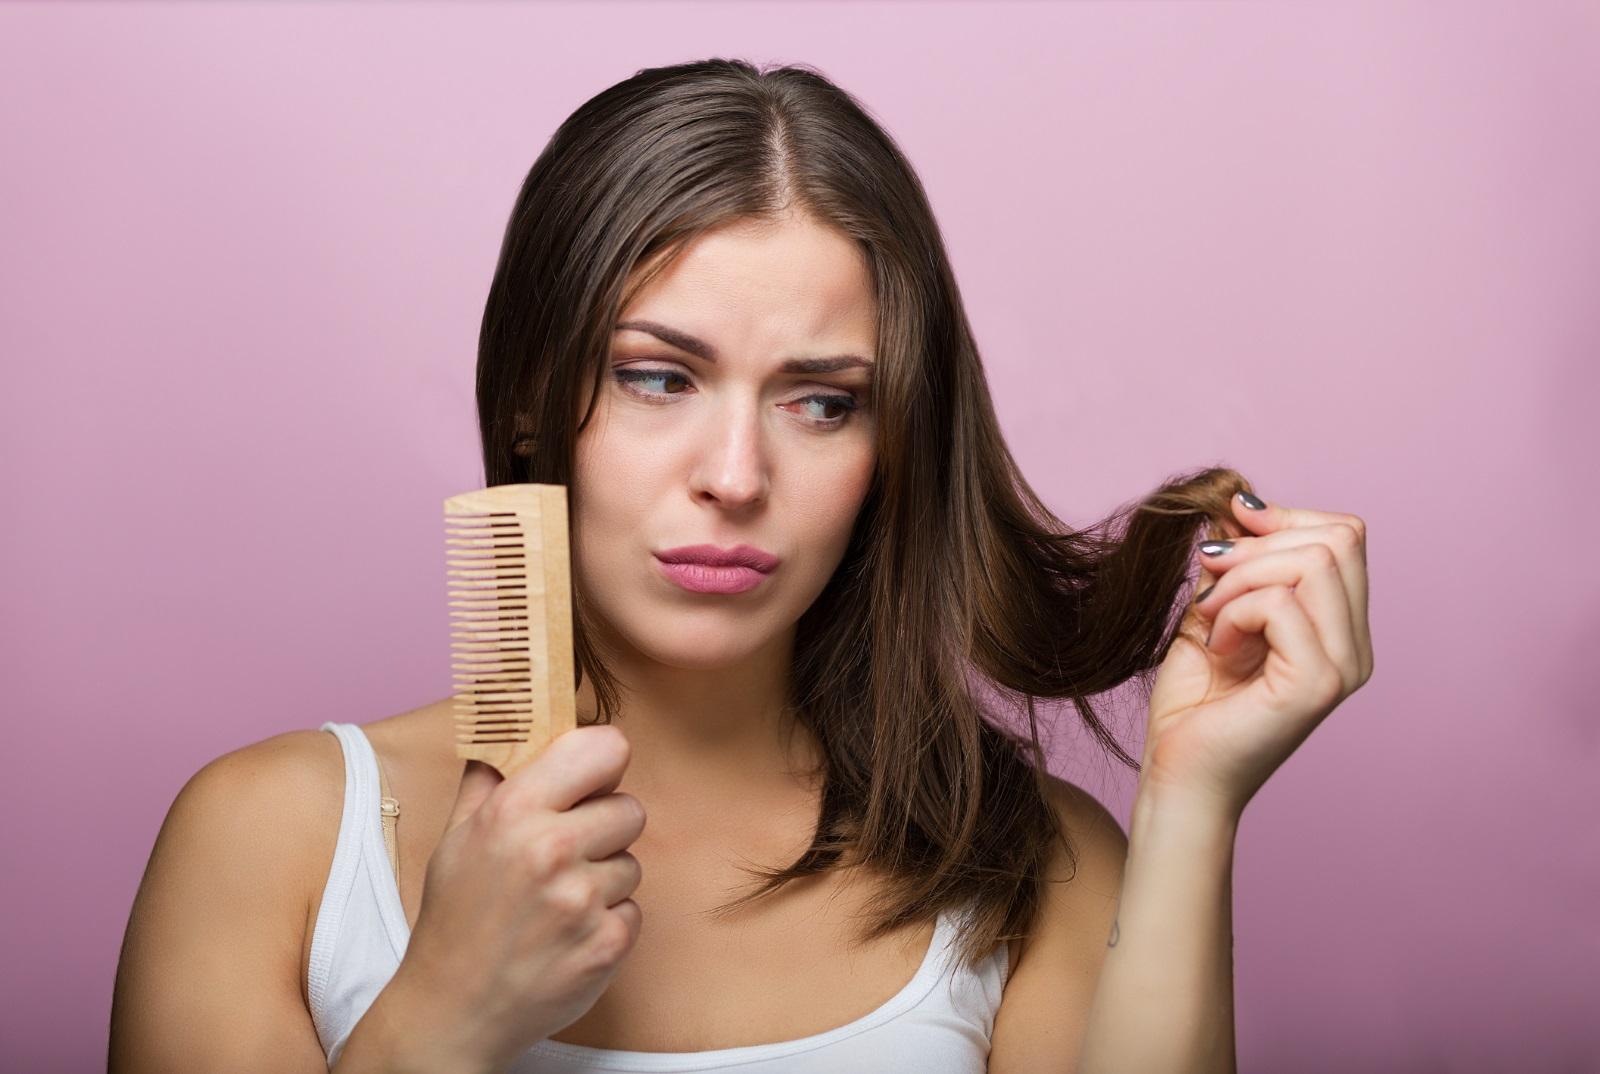 Други индикатори за дефицит на колаген е лошо състояние и бързата и интензивна загуба на коса.